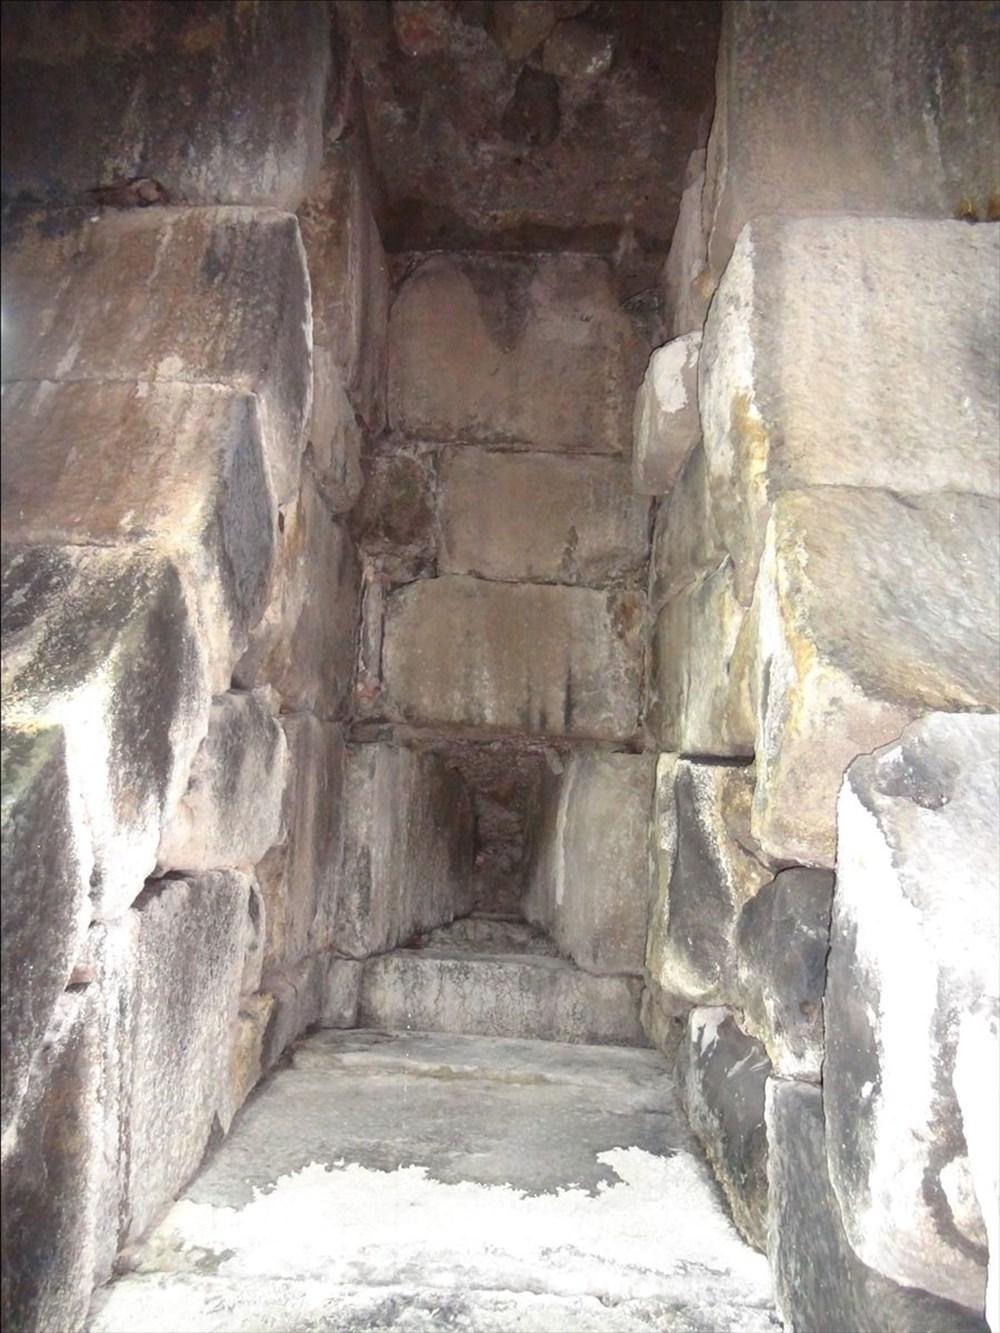 Şanlıurfa'da izinsiz kazıda Roma dönemine ait zindan gün yüzüne çıktı - 10